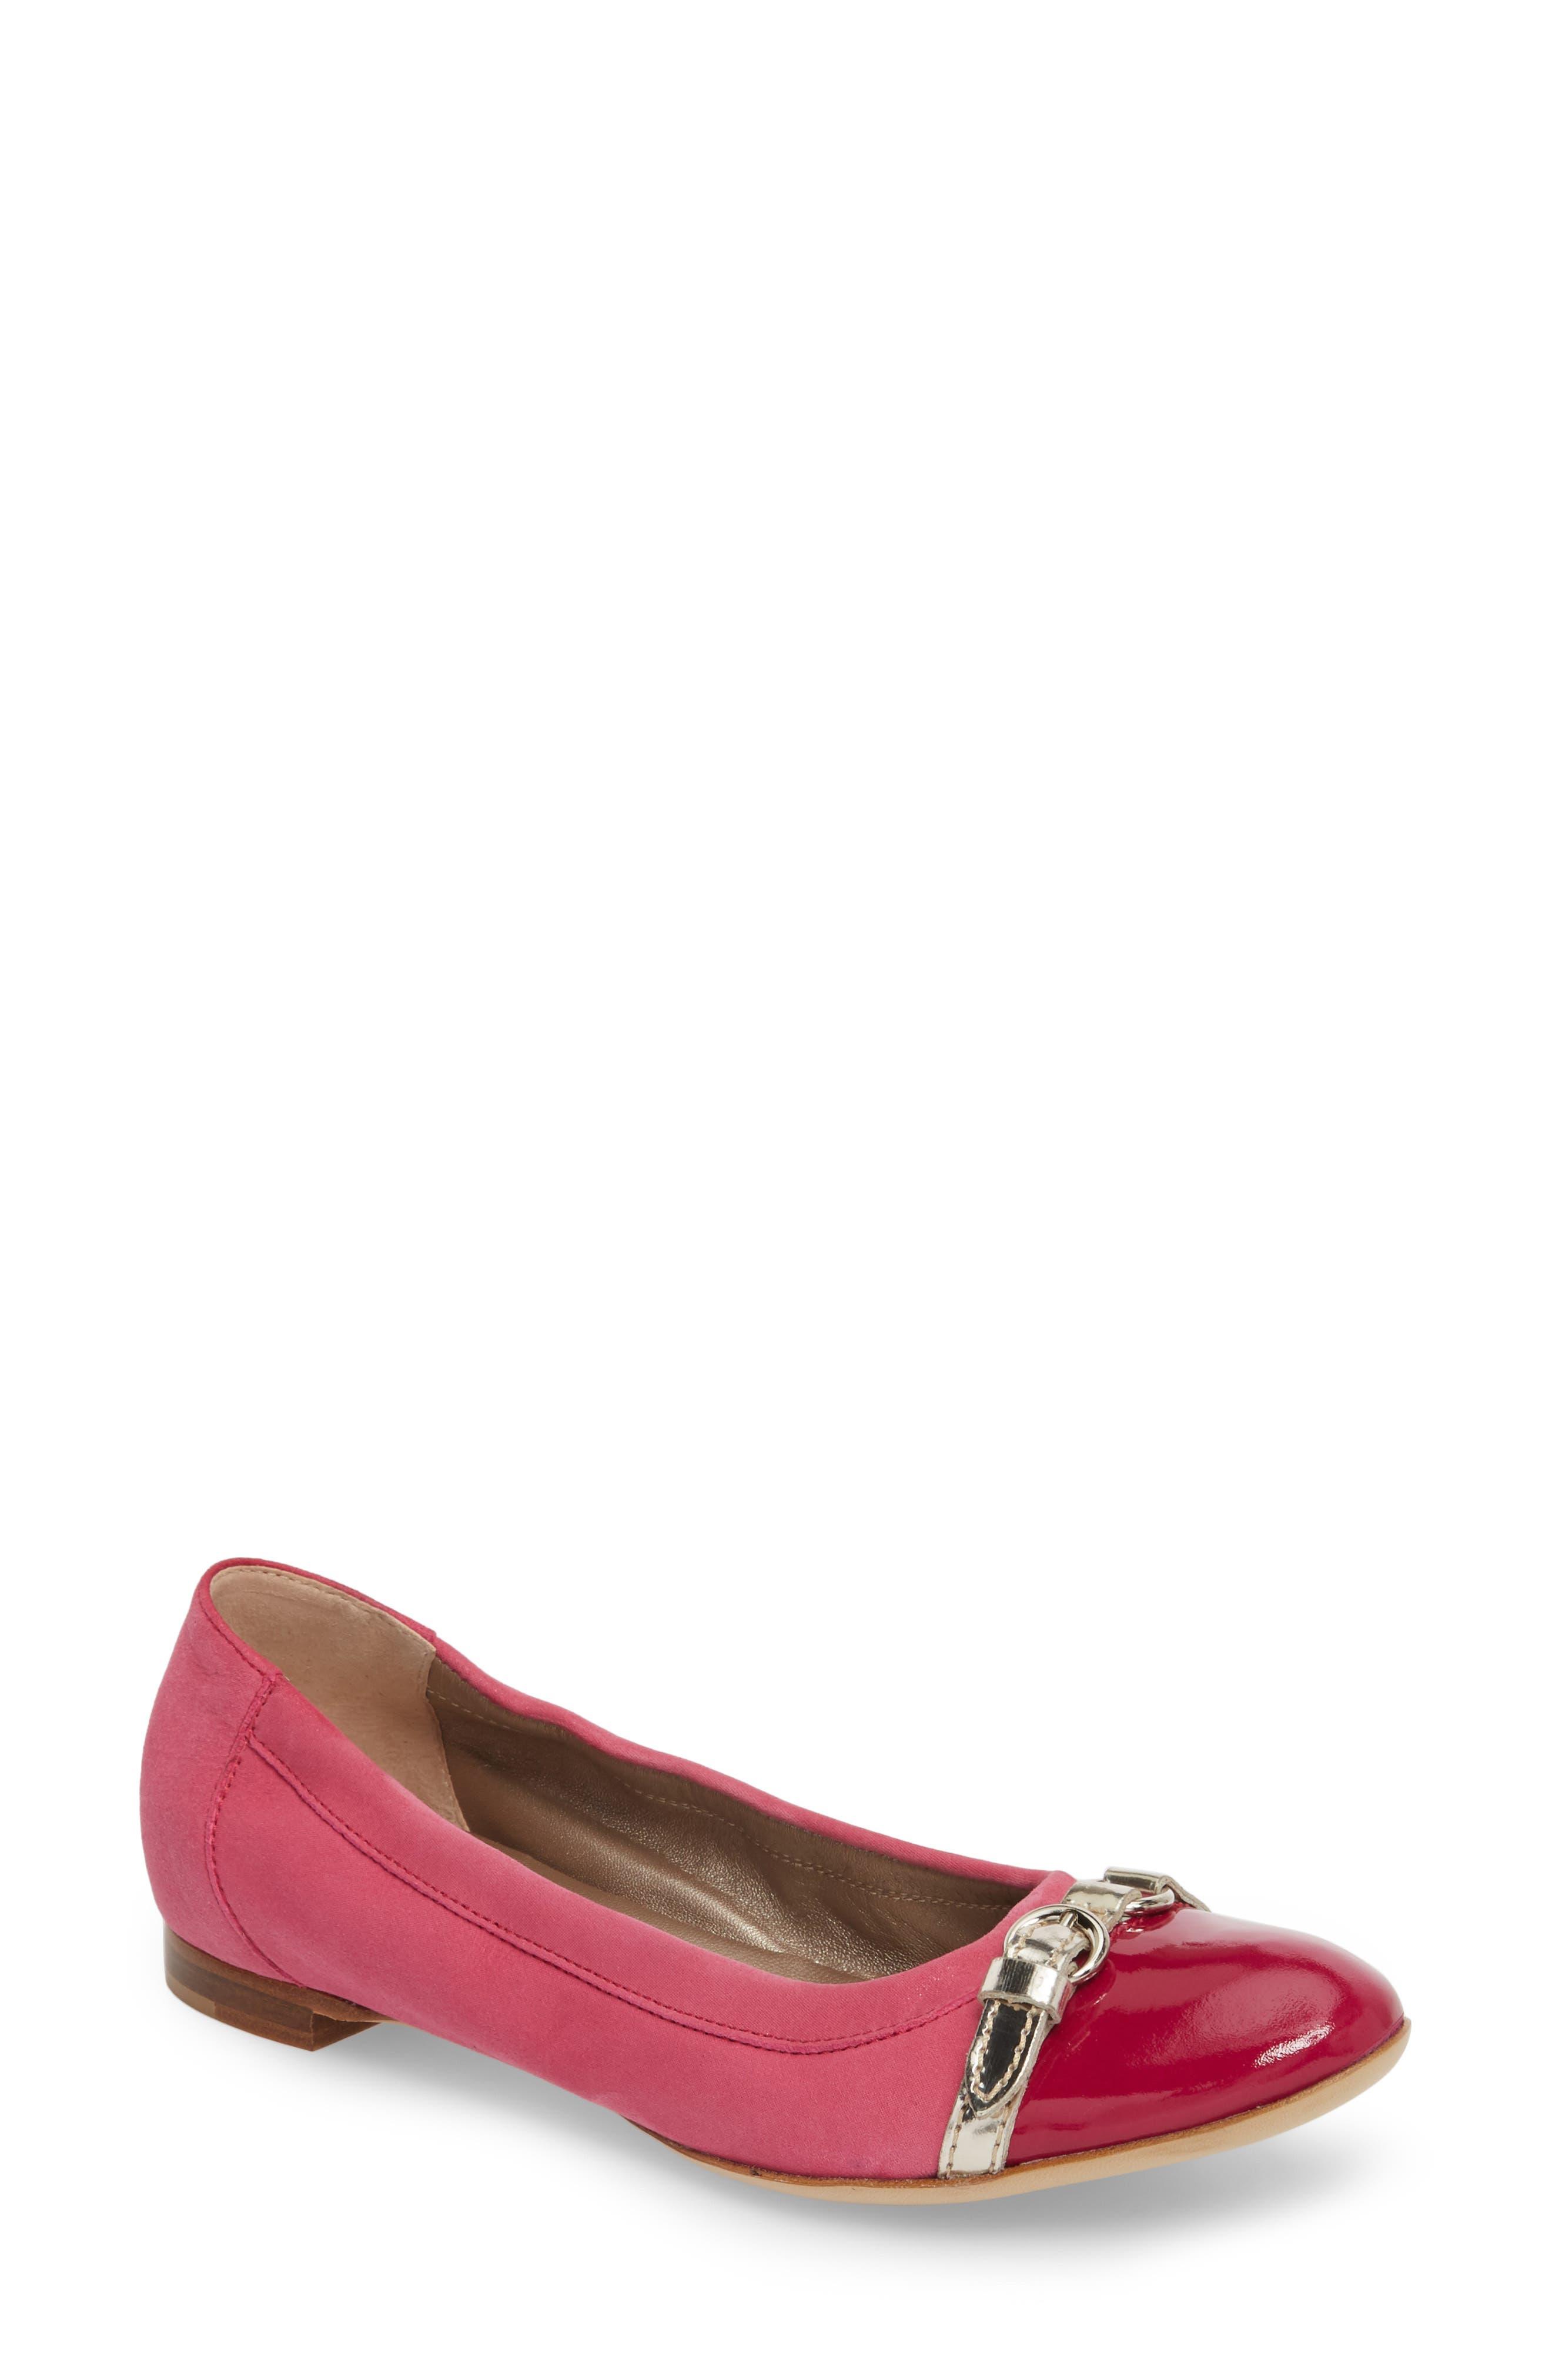 Agl Cap Toe Ballet Flat, Pink